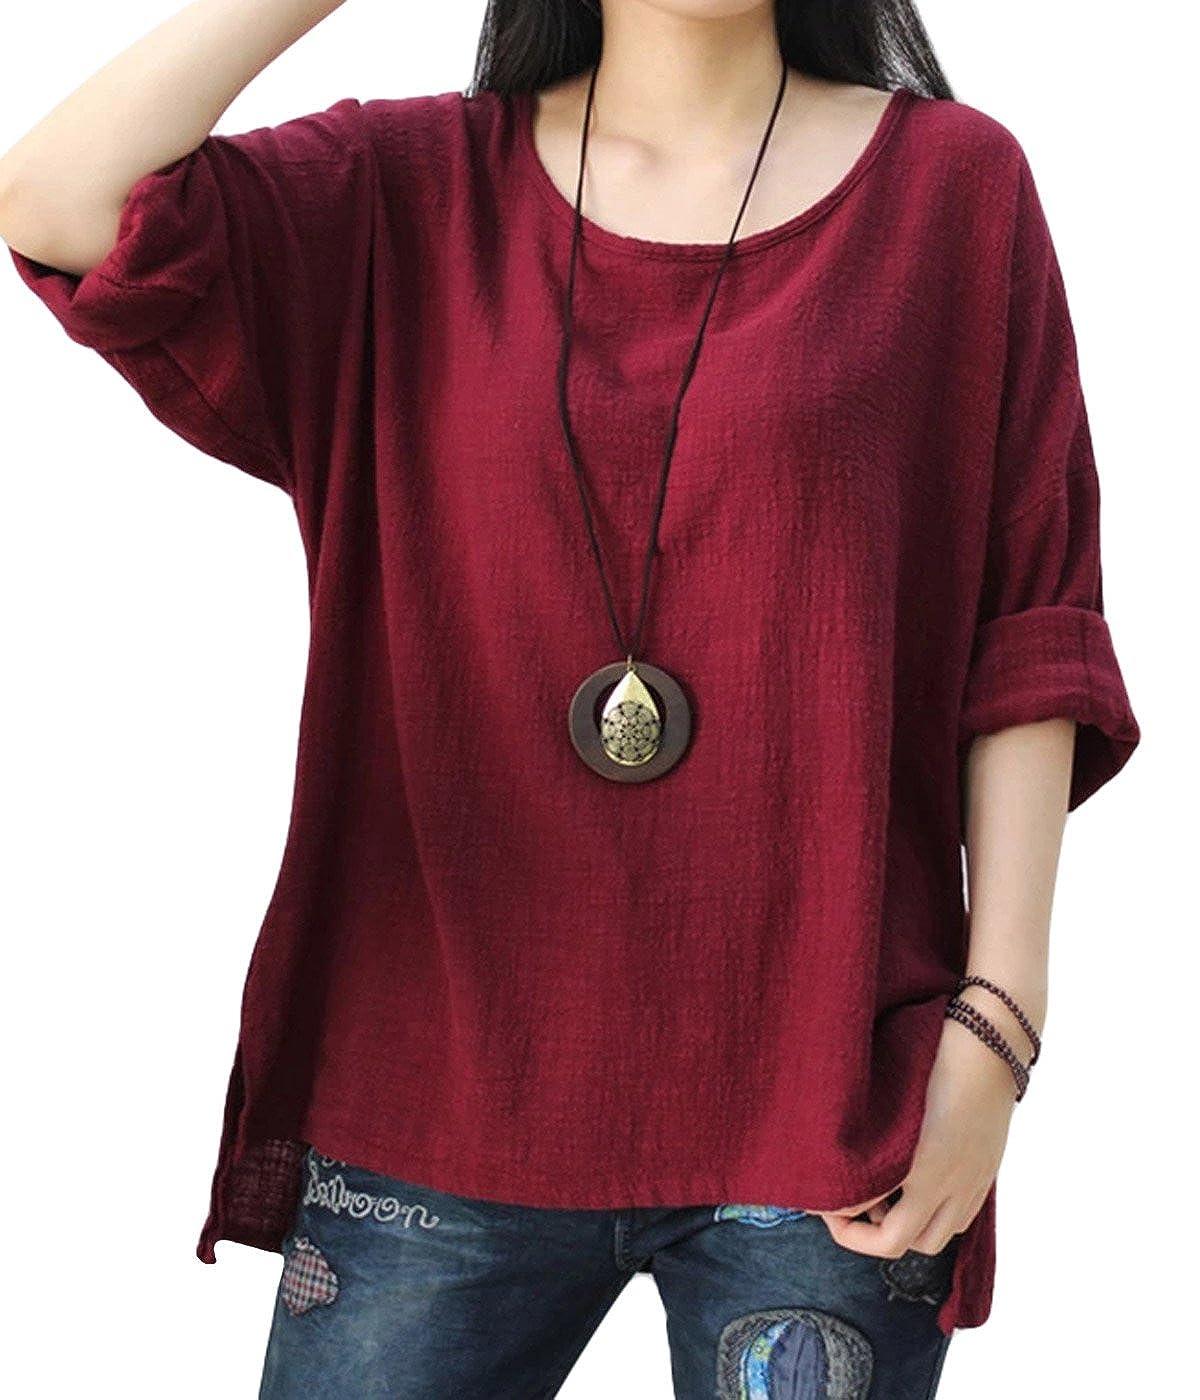 Happy Cherry - Mujer Camisa Blusa de Lino Suave Transpirable Retro Sencillo Manga Larga Primavera Verano Otoño